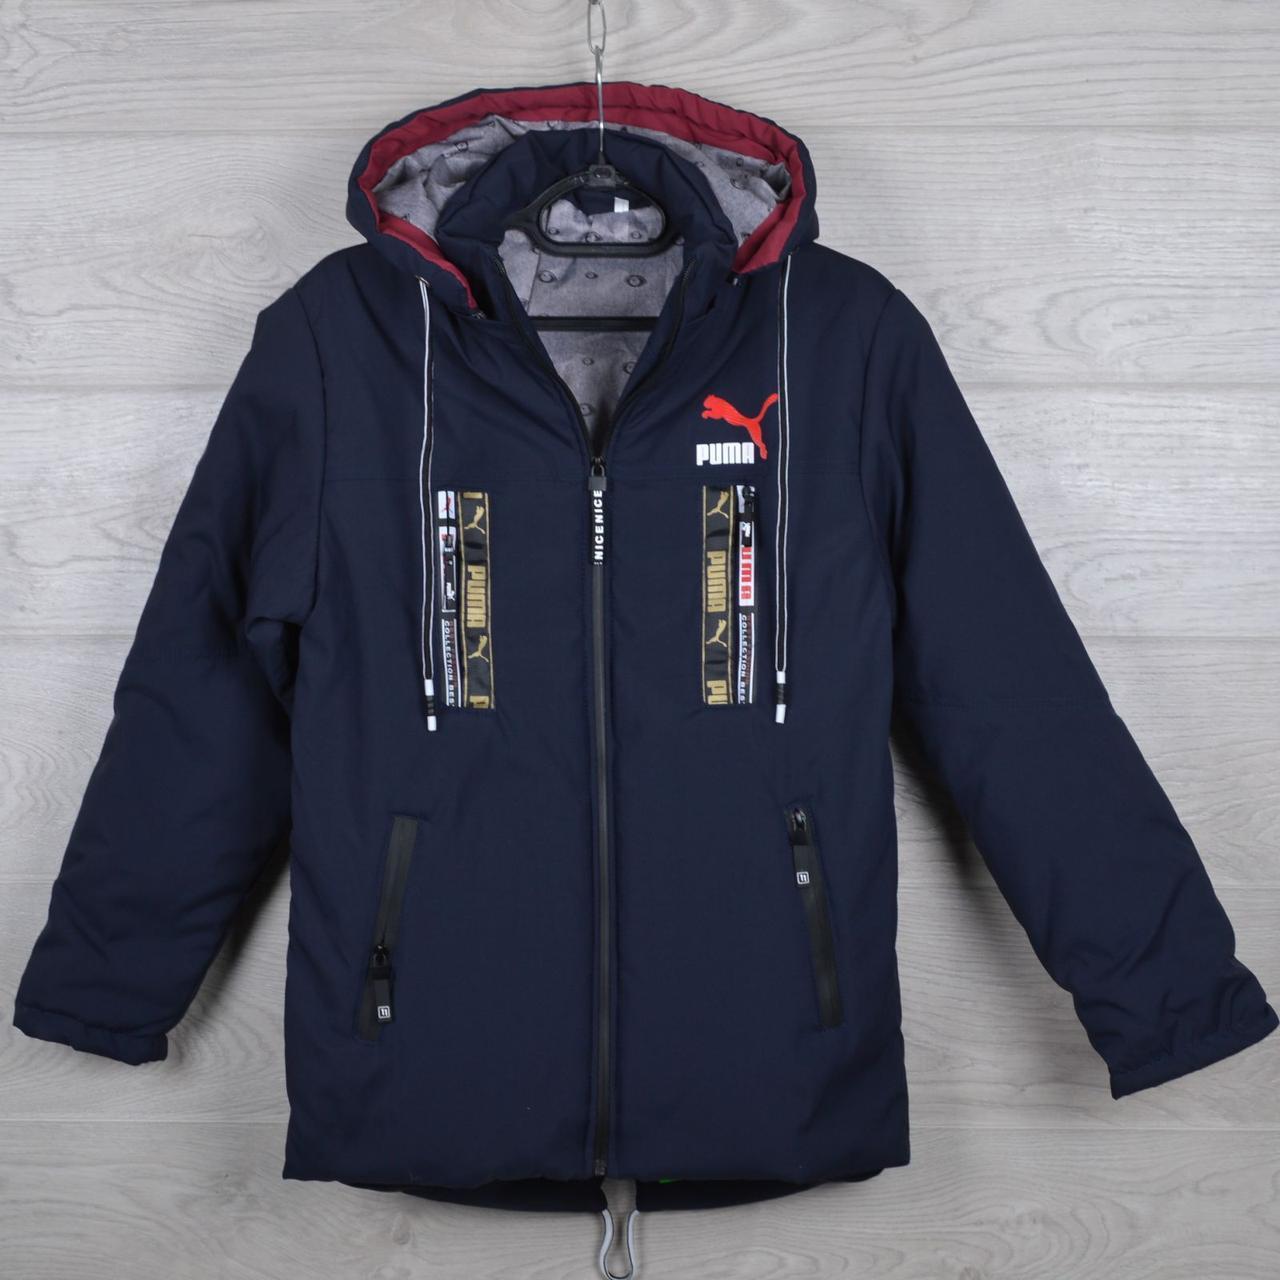 Куртка демисезон для мальчиков Puma .Размеры 10-14 лет